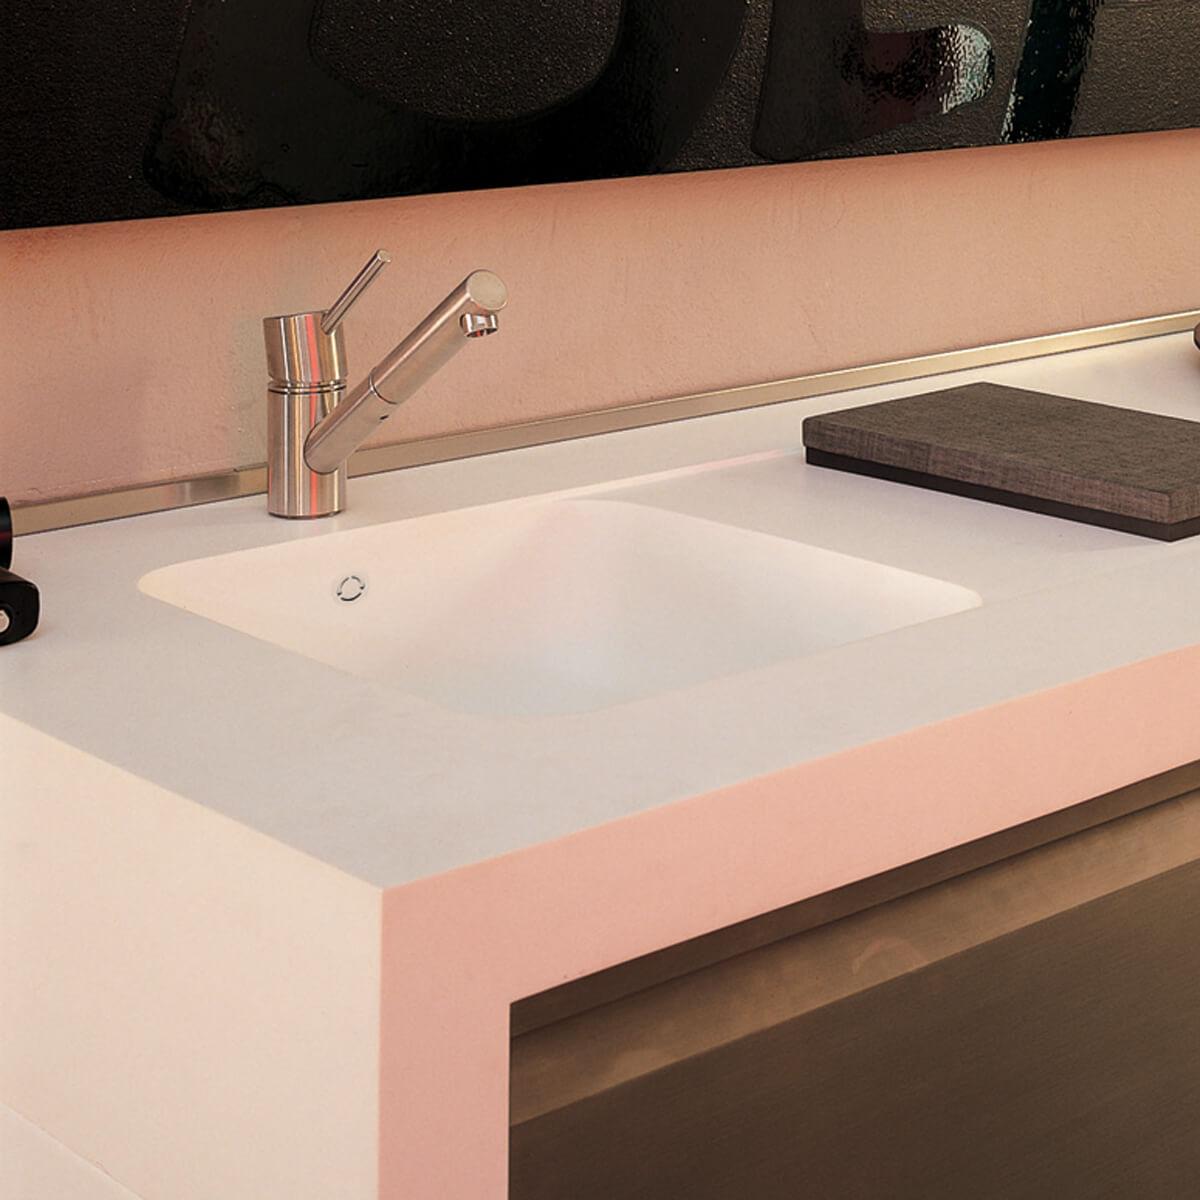 CASF corian sink sweet 804 kitchen